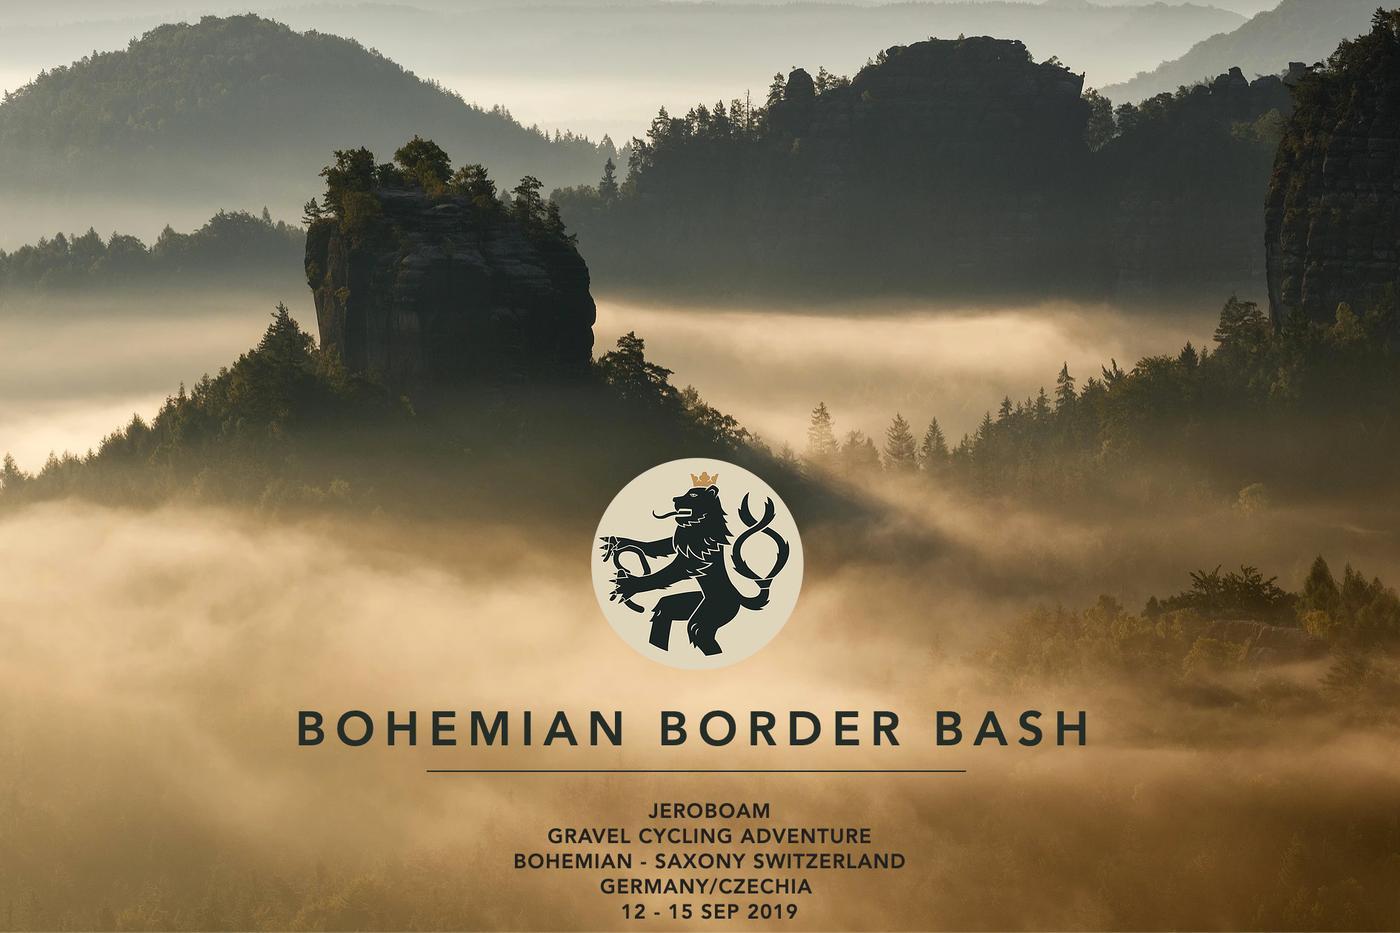 The Bohemian Border Bash Gravel Riding Event